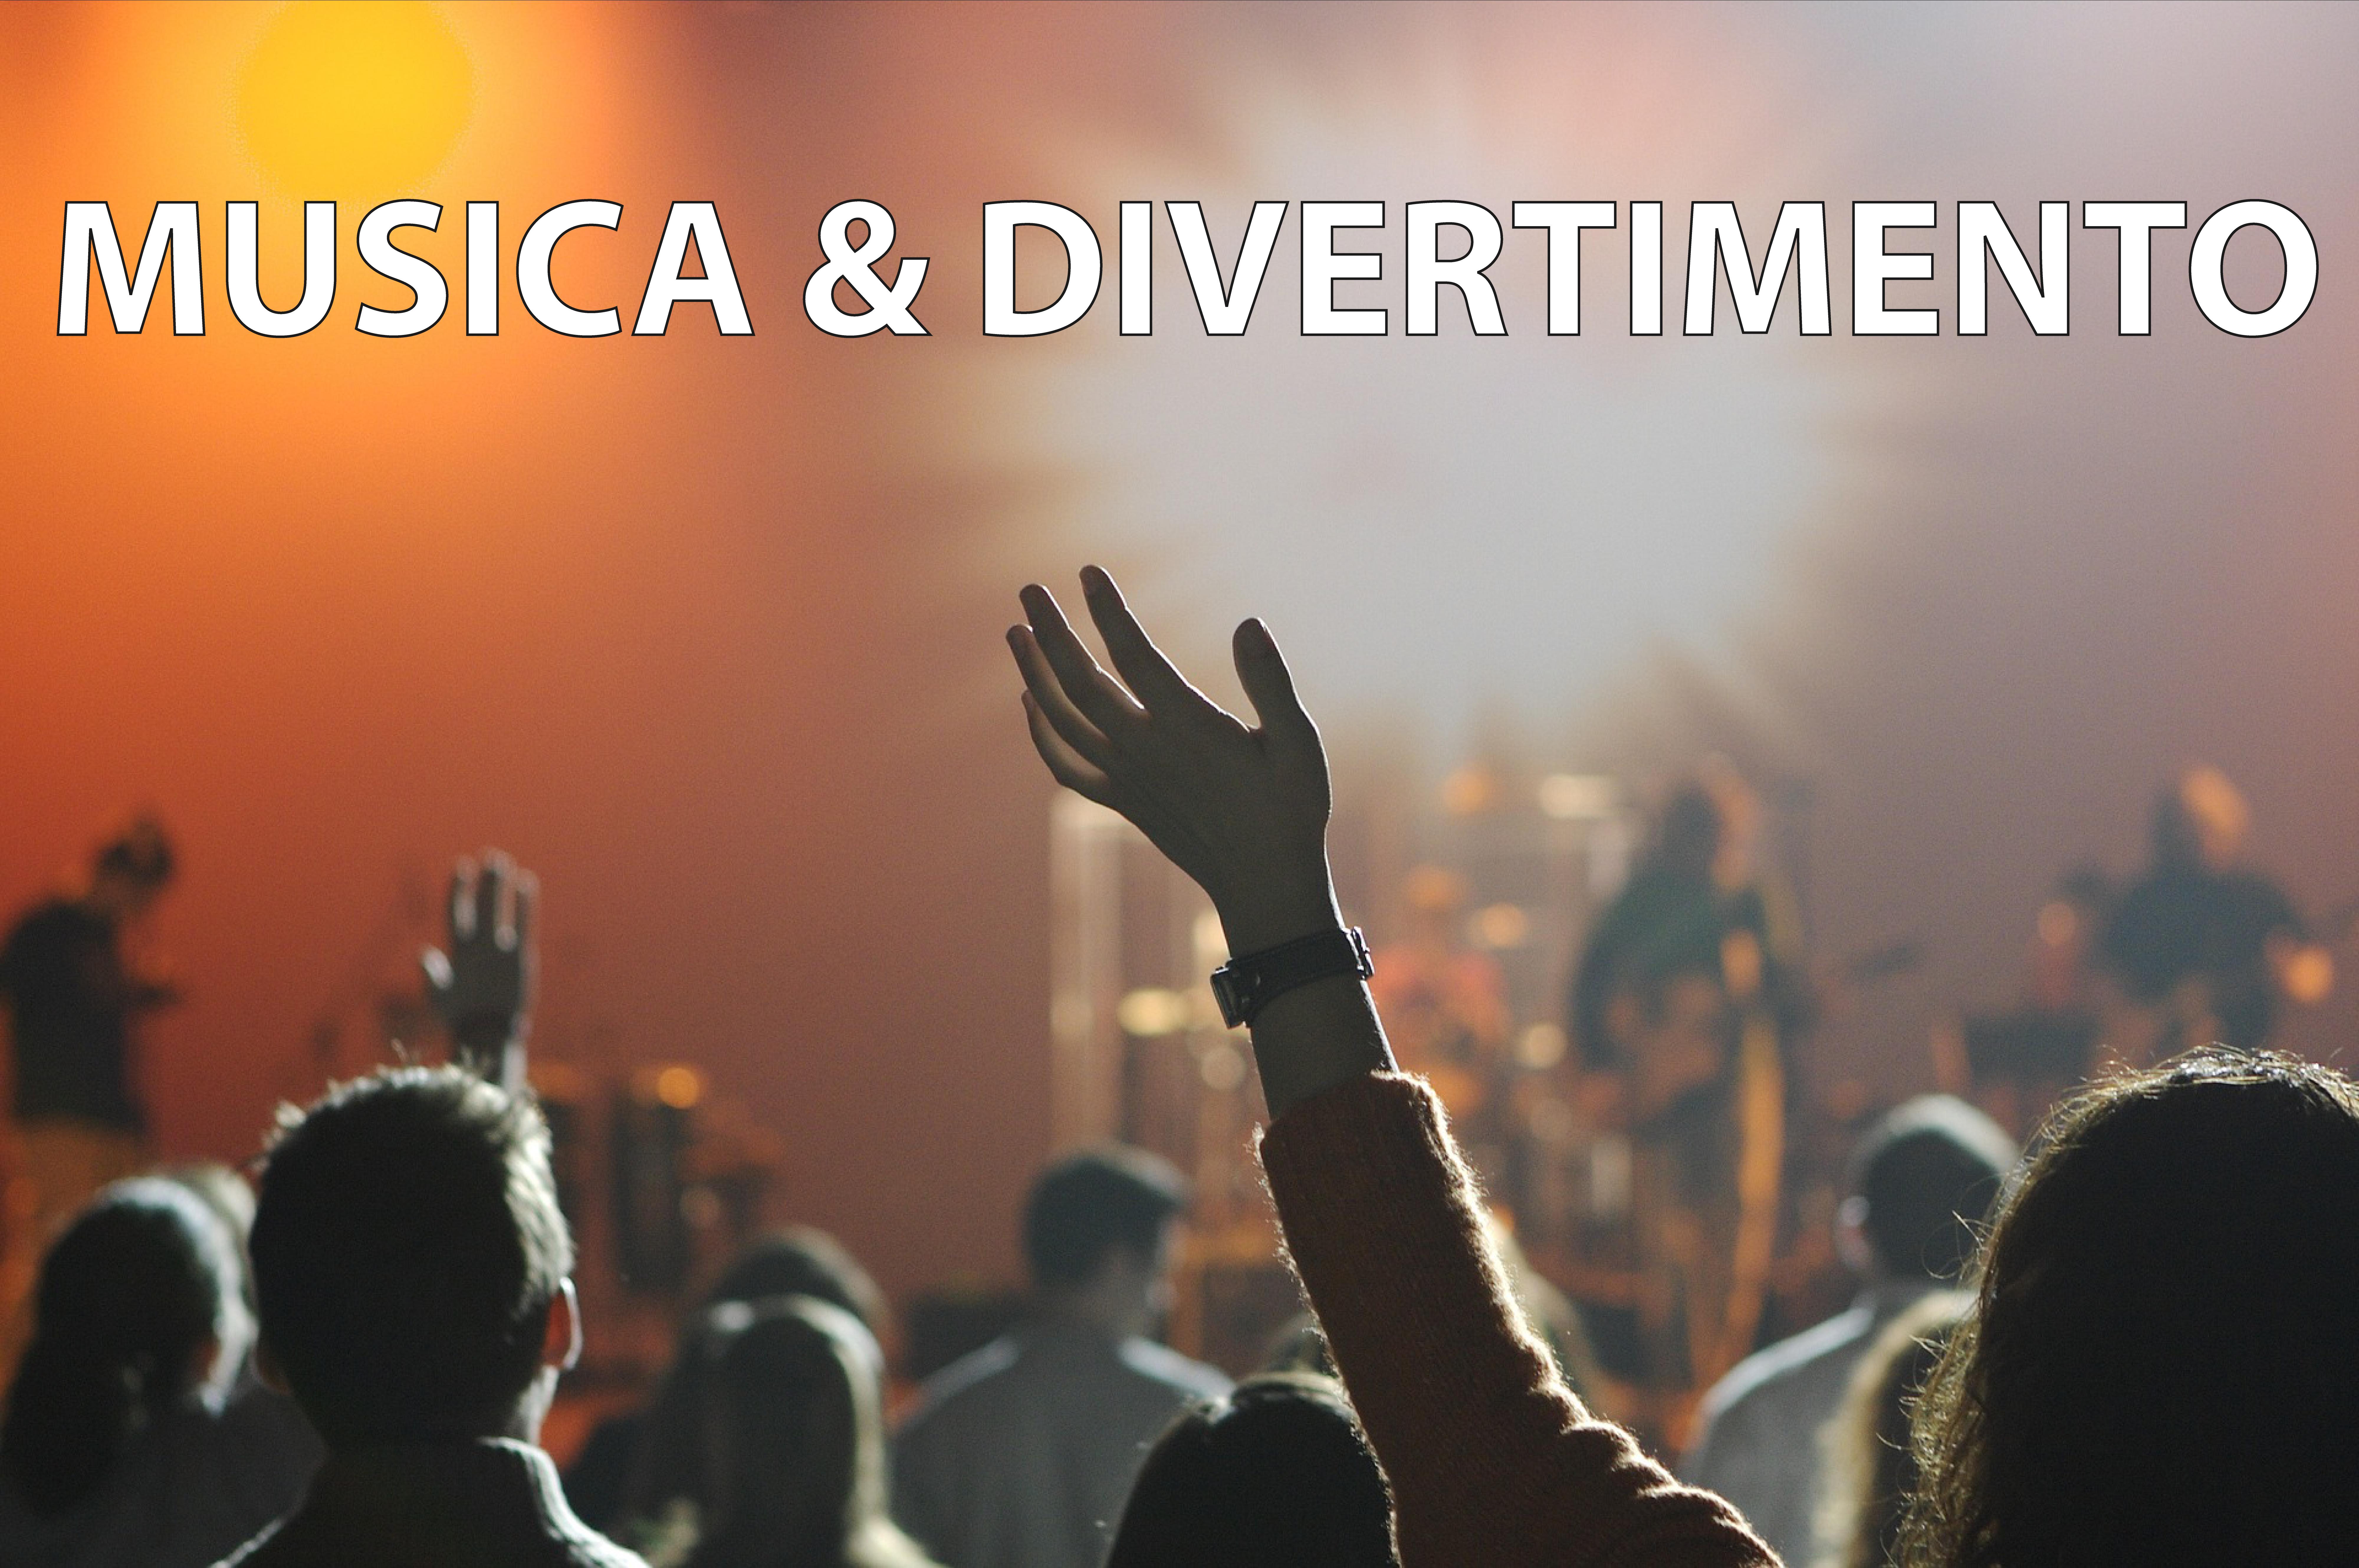 Eventi_Musica